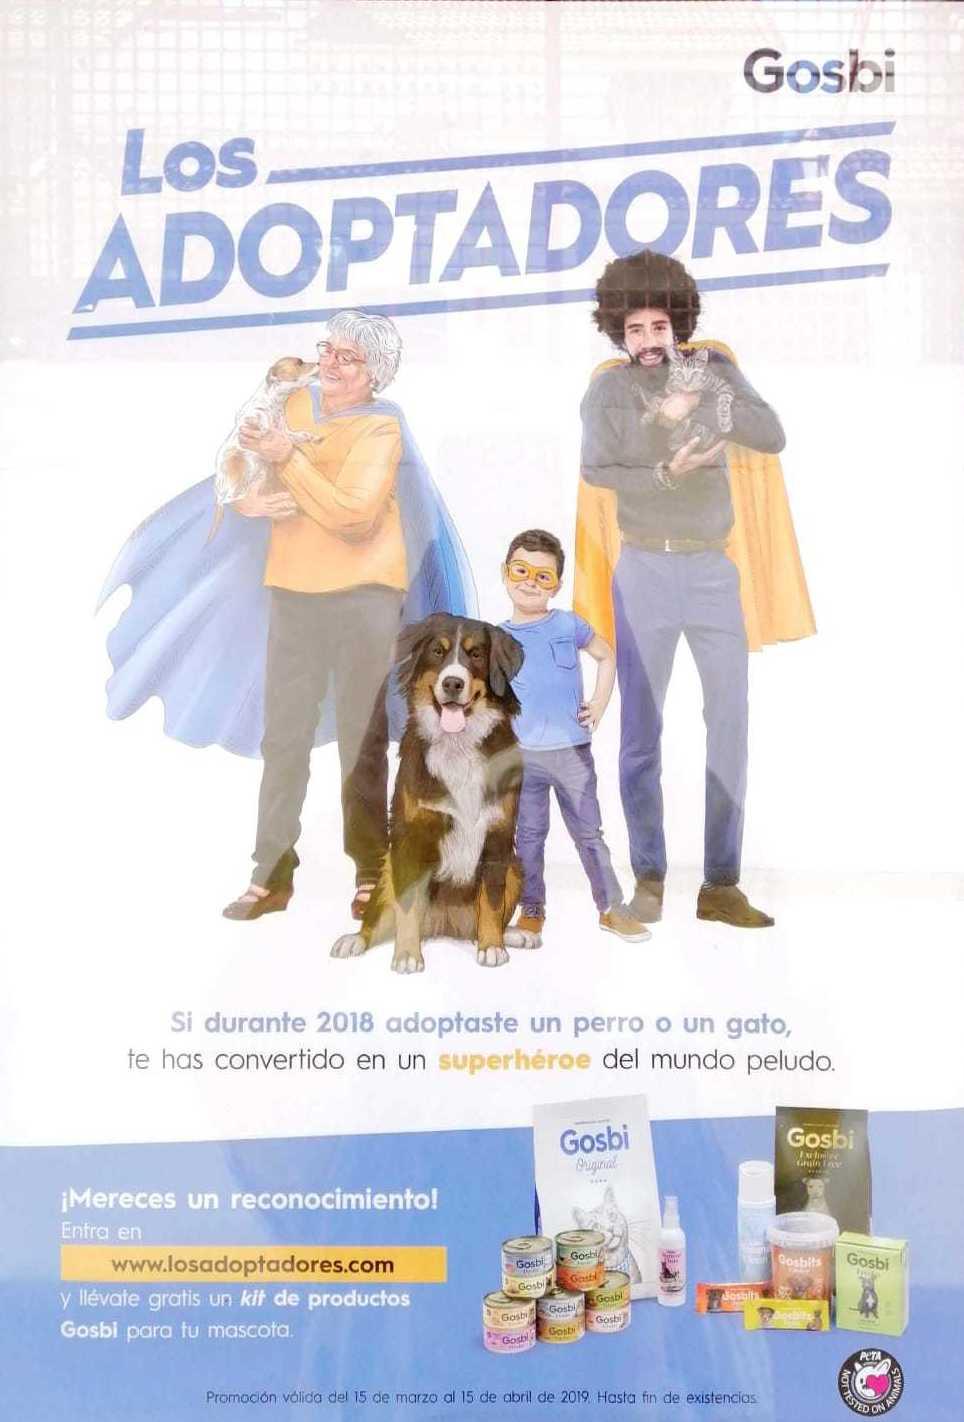 Premio para los adoptadores en Móstoles